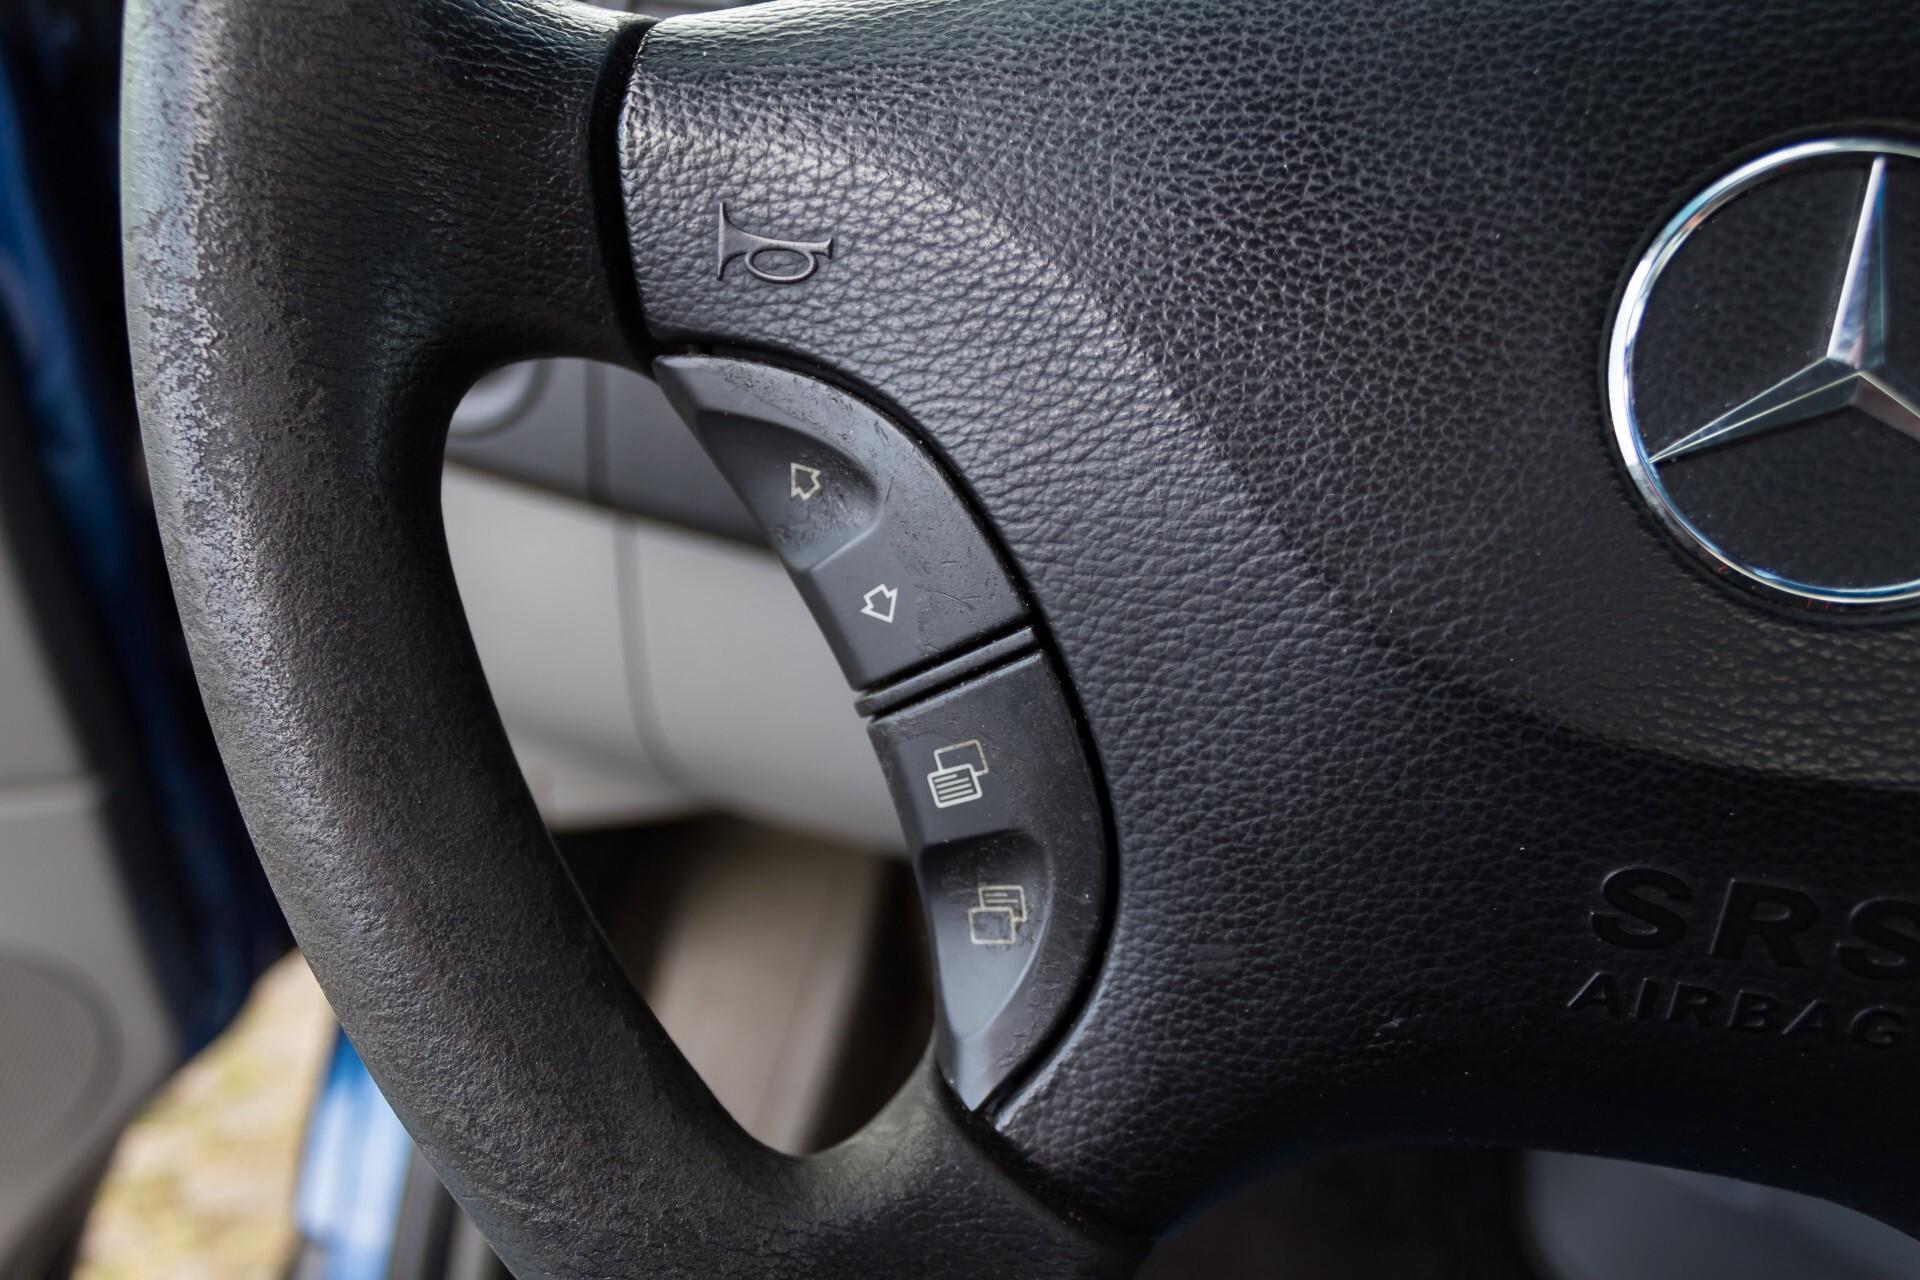 Mercedes-Benz Sprinter 518 3.0 Cdi V6 Oprijwagen / Auto ambulance 7360 kg Foto 13